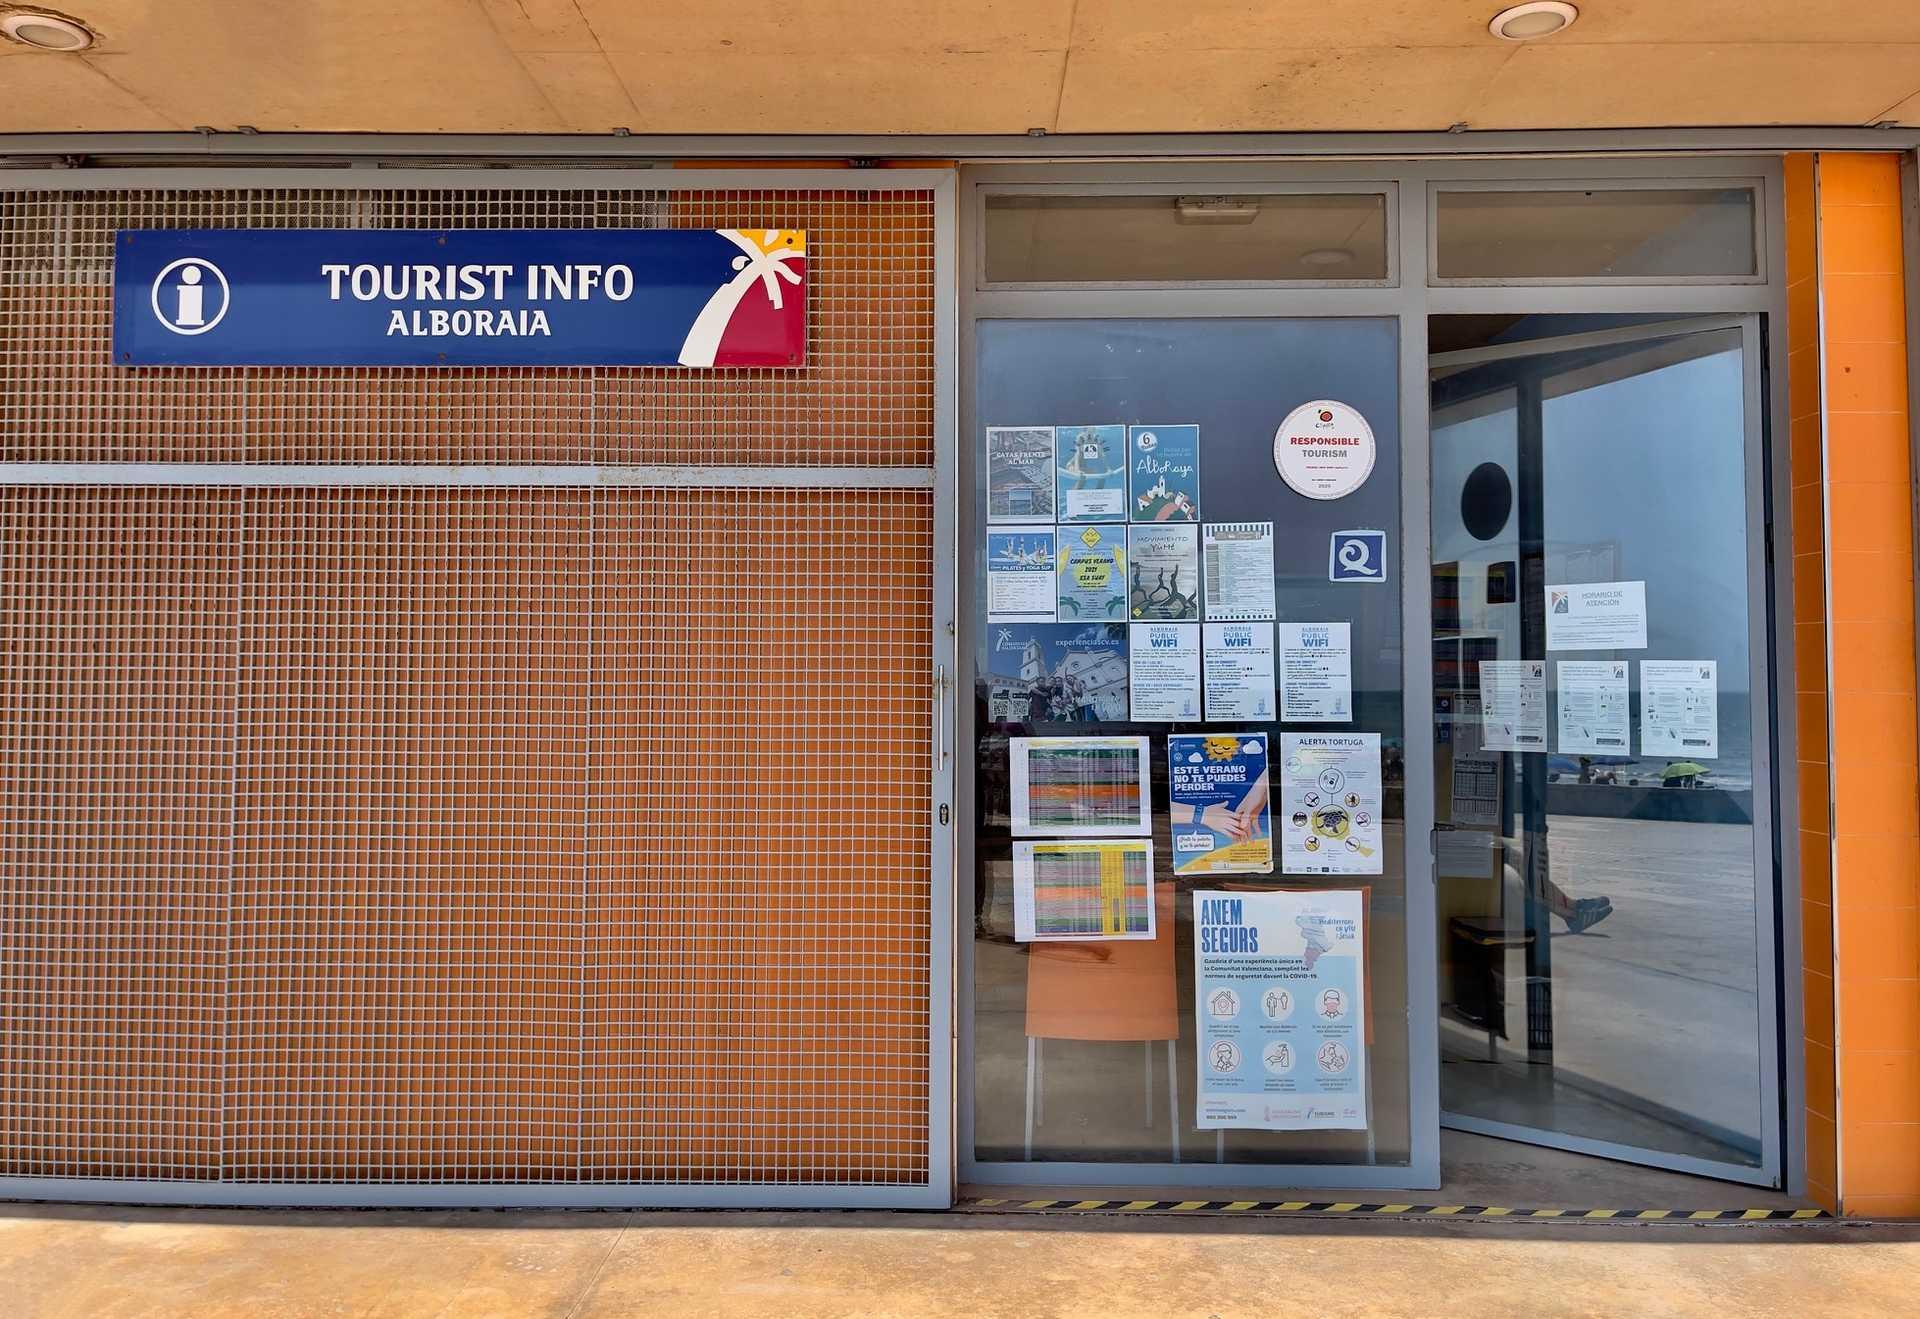 TOURIST INFO ALBORAYA -  PORT SAPLAYA